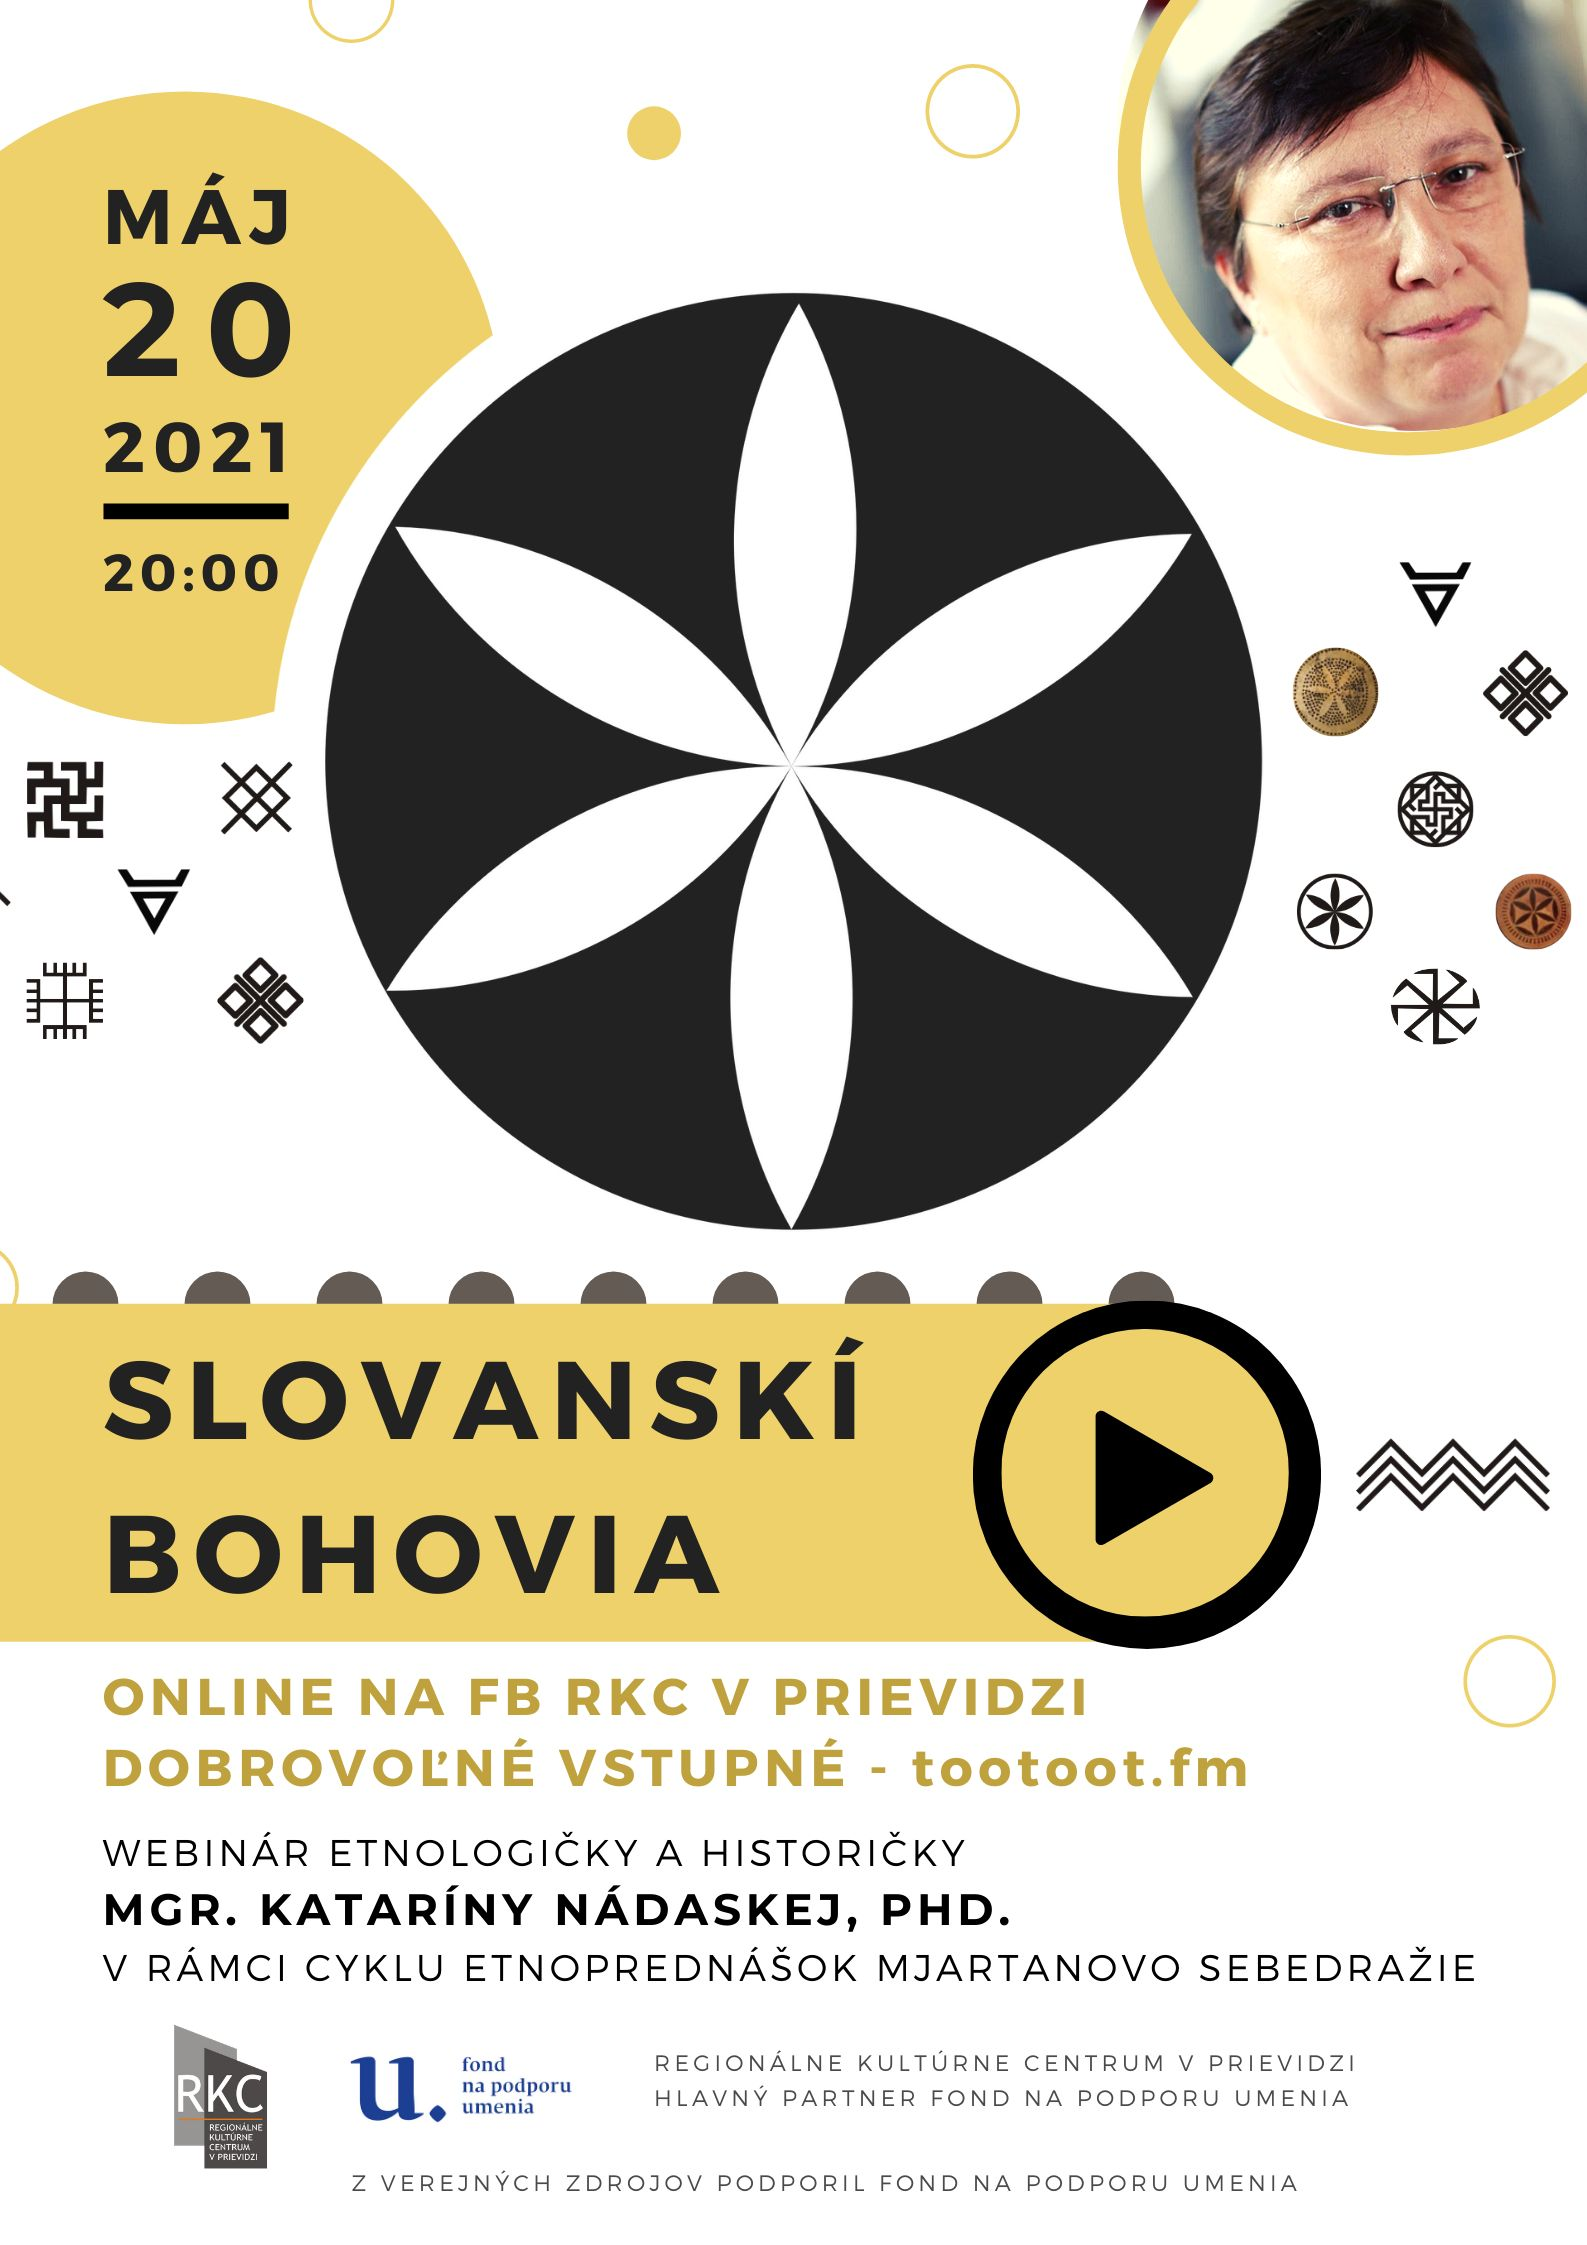 ONLINE: Slovanskí bohovia